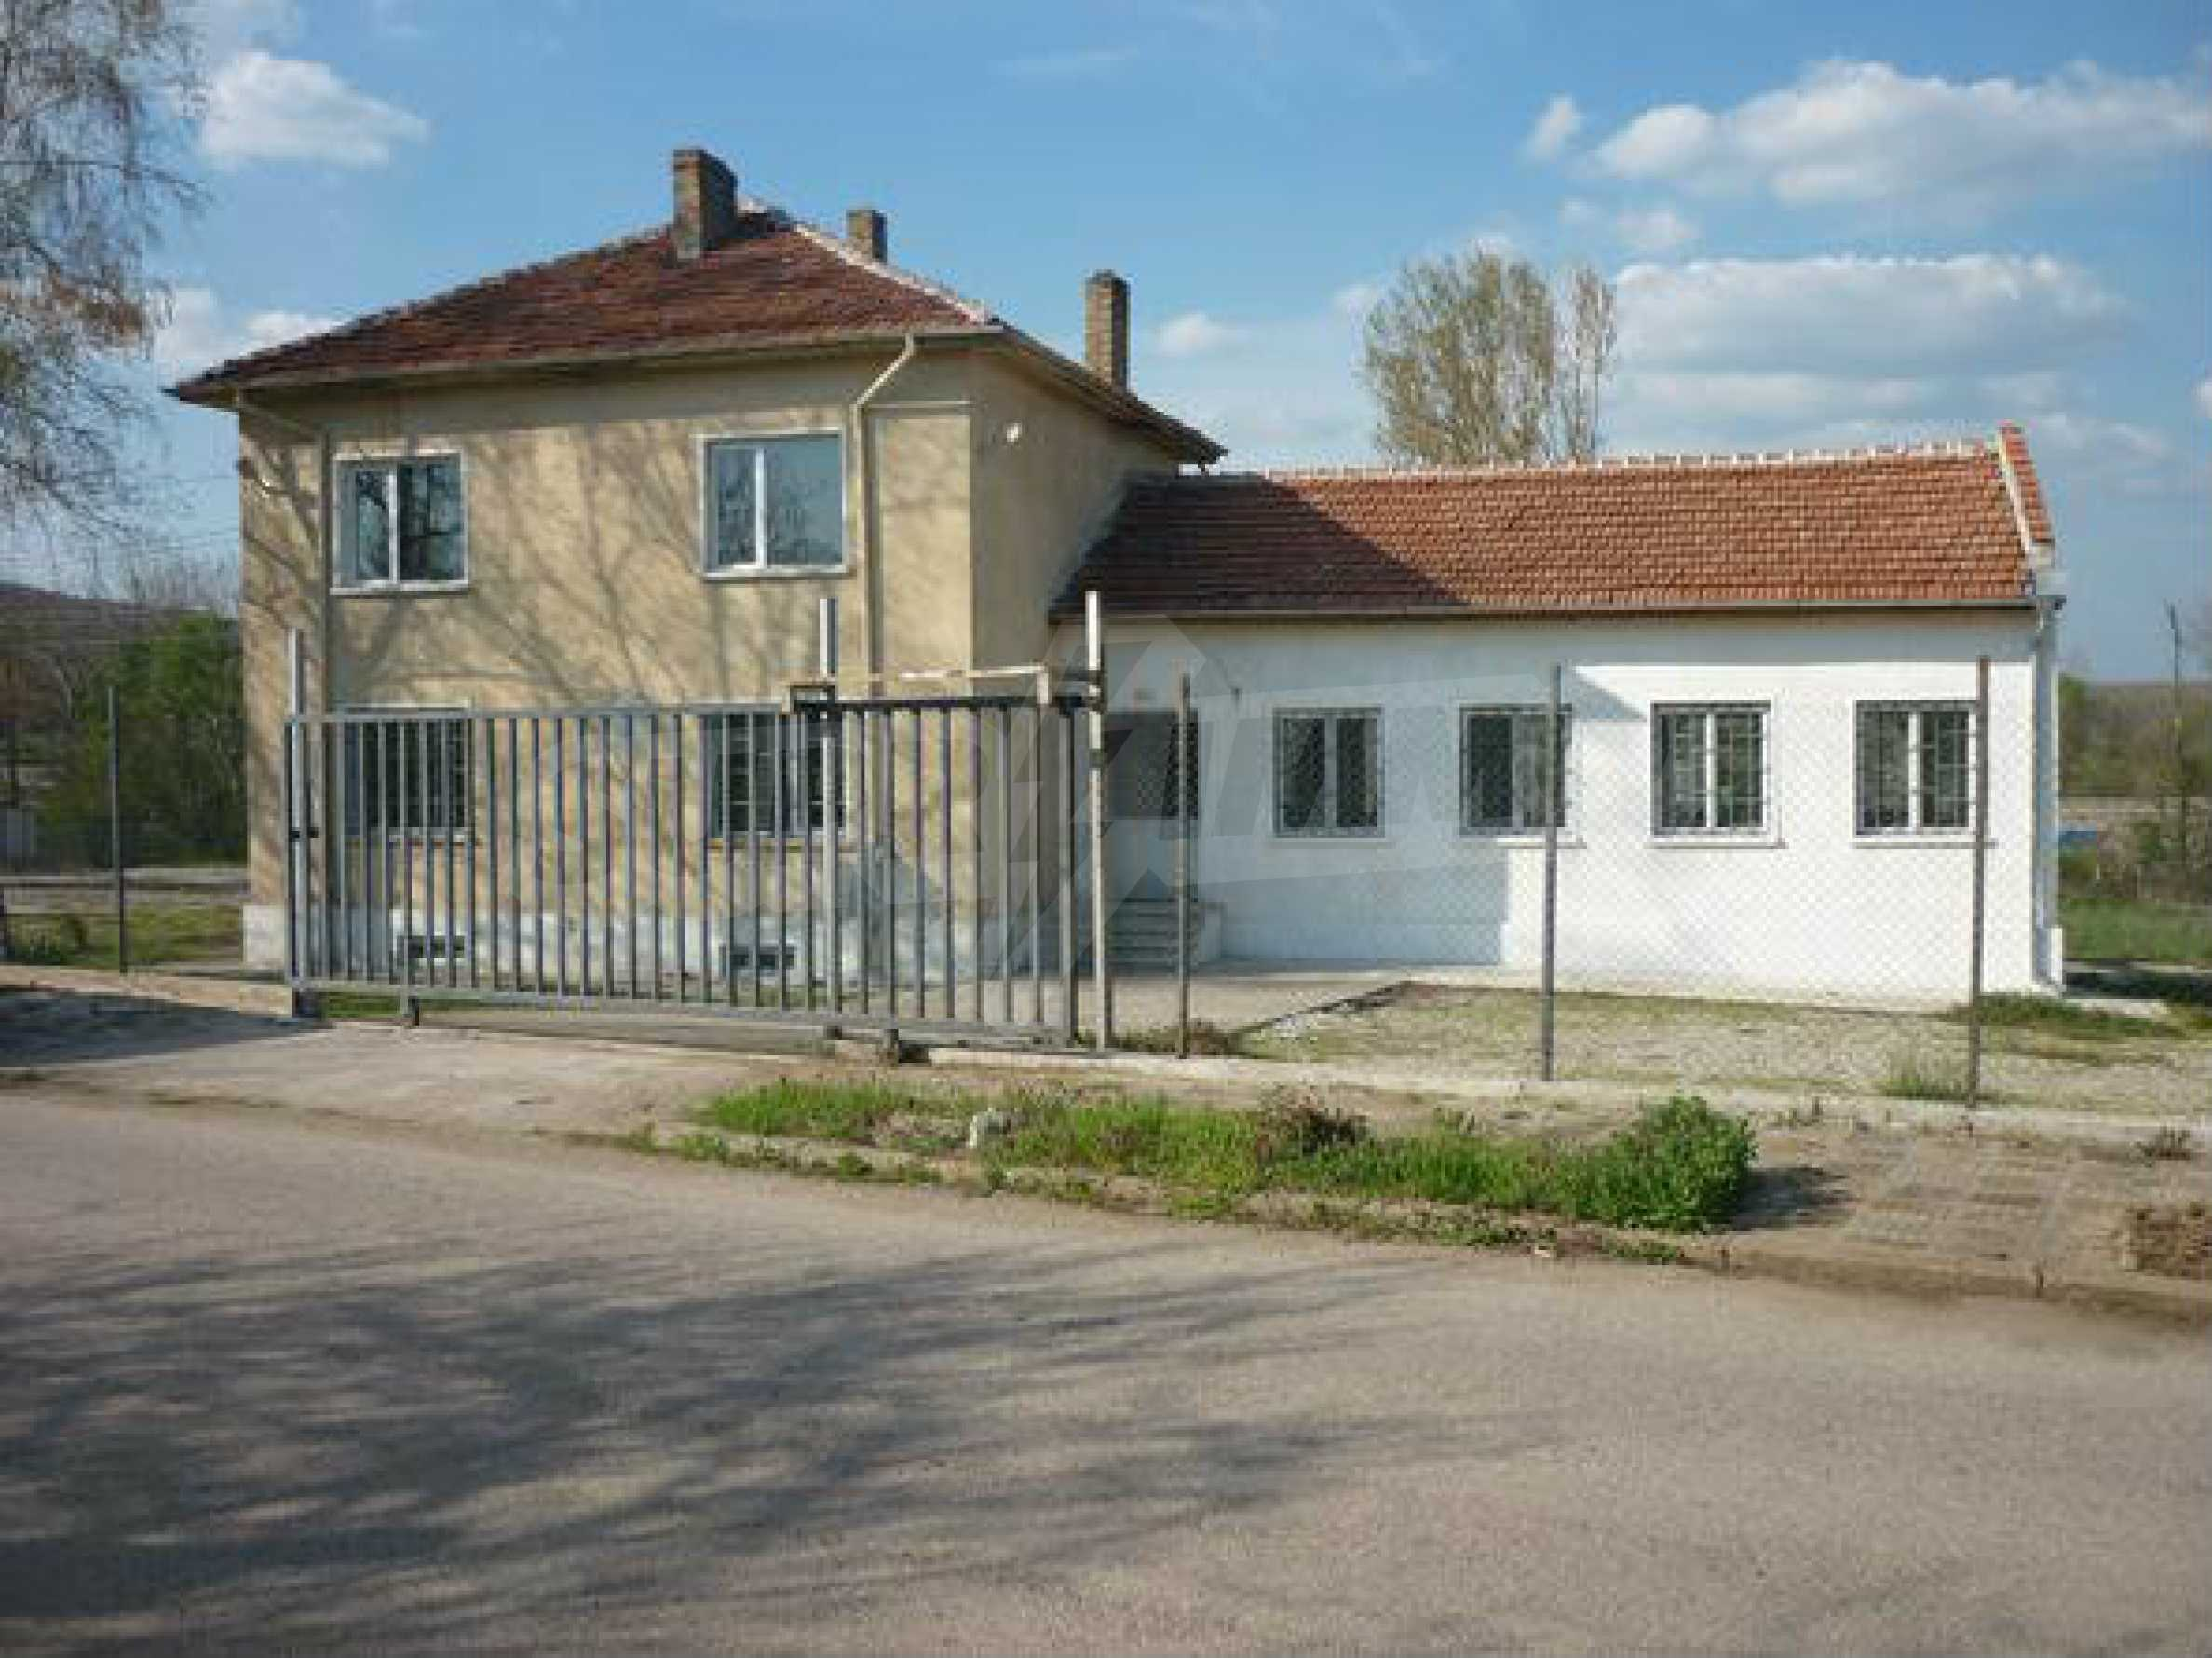 Industriegelände in einem Dorf 6 km von der Stadt Lovech entfernt